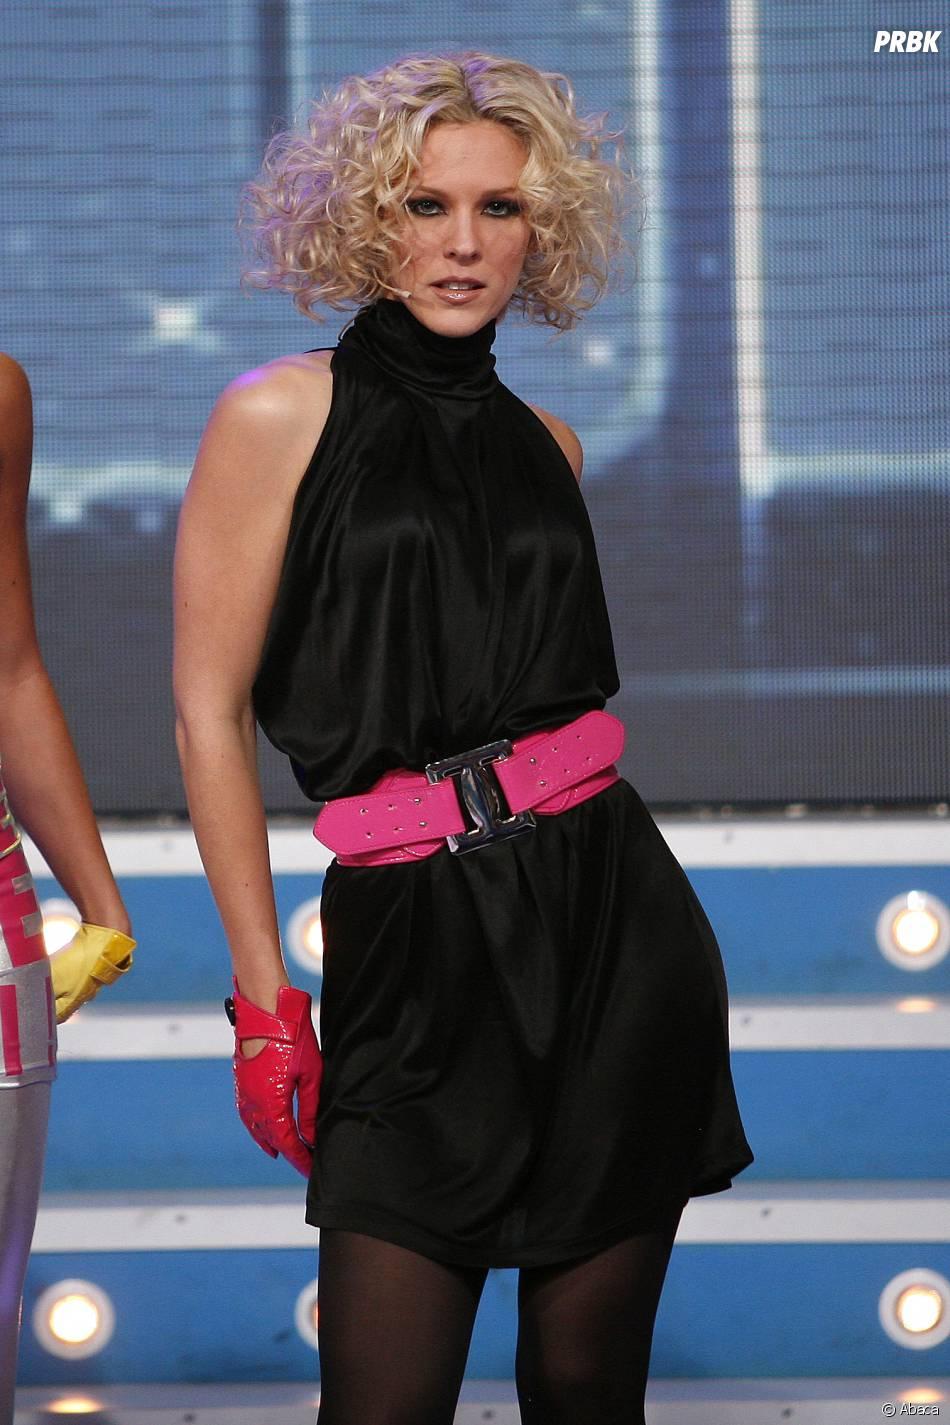 Lorie à l'enregistrement d'un show télé, en 2008